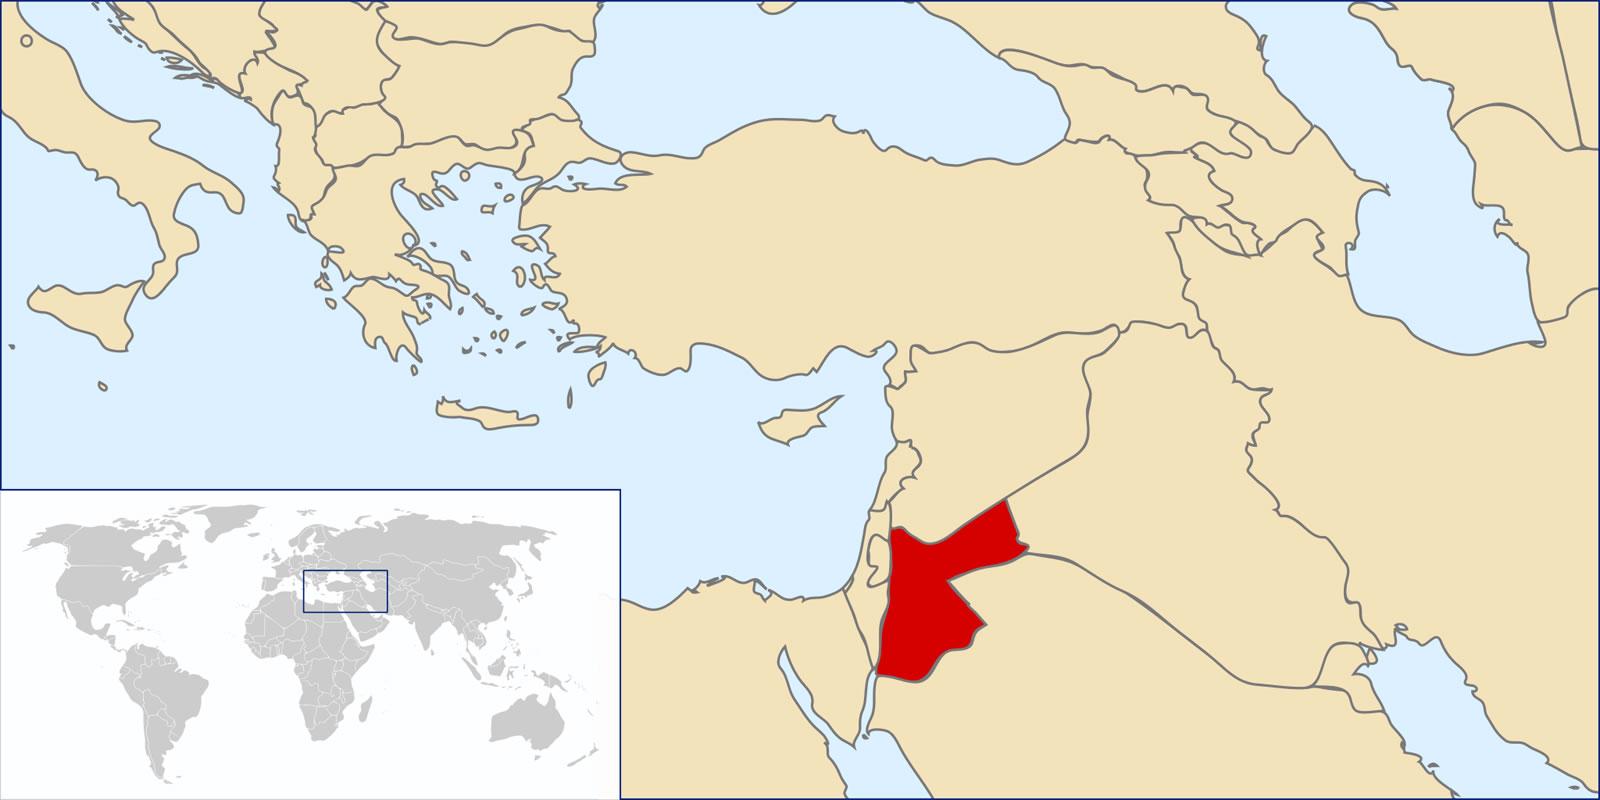 jordanie sur la carte du monde